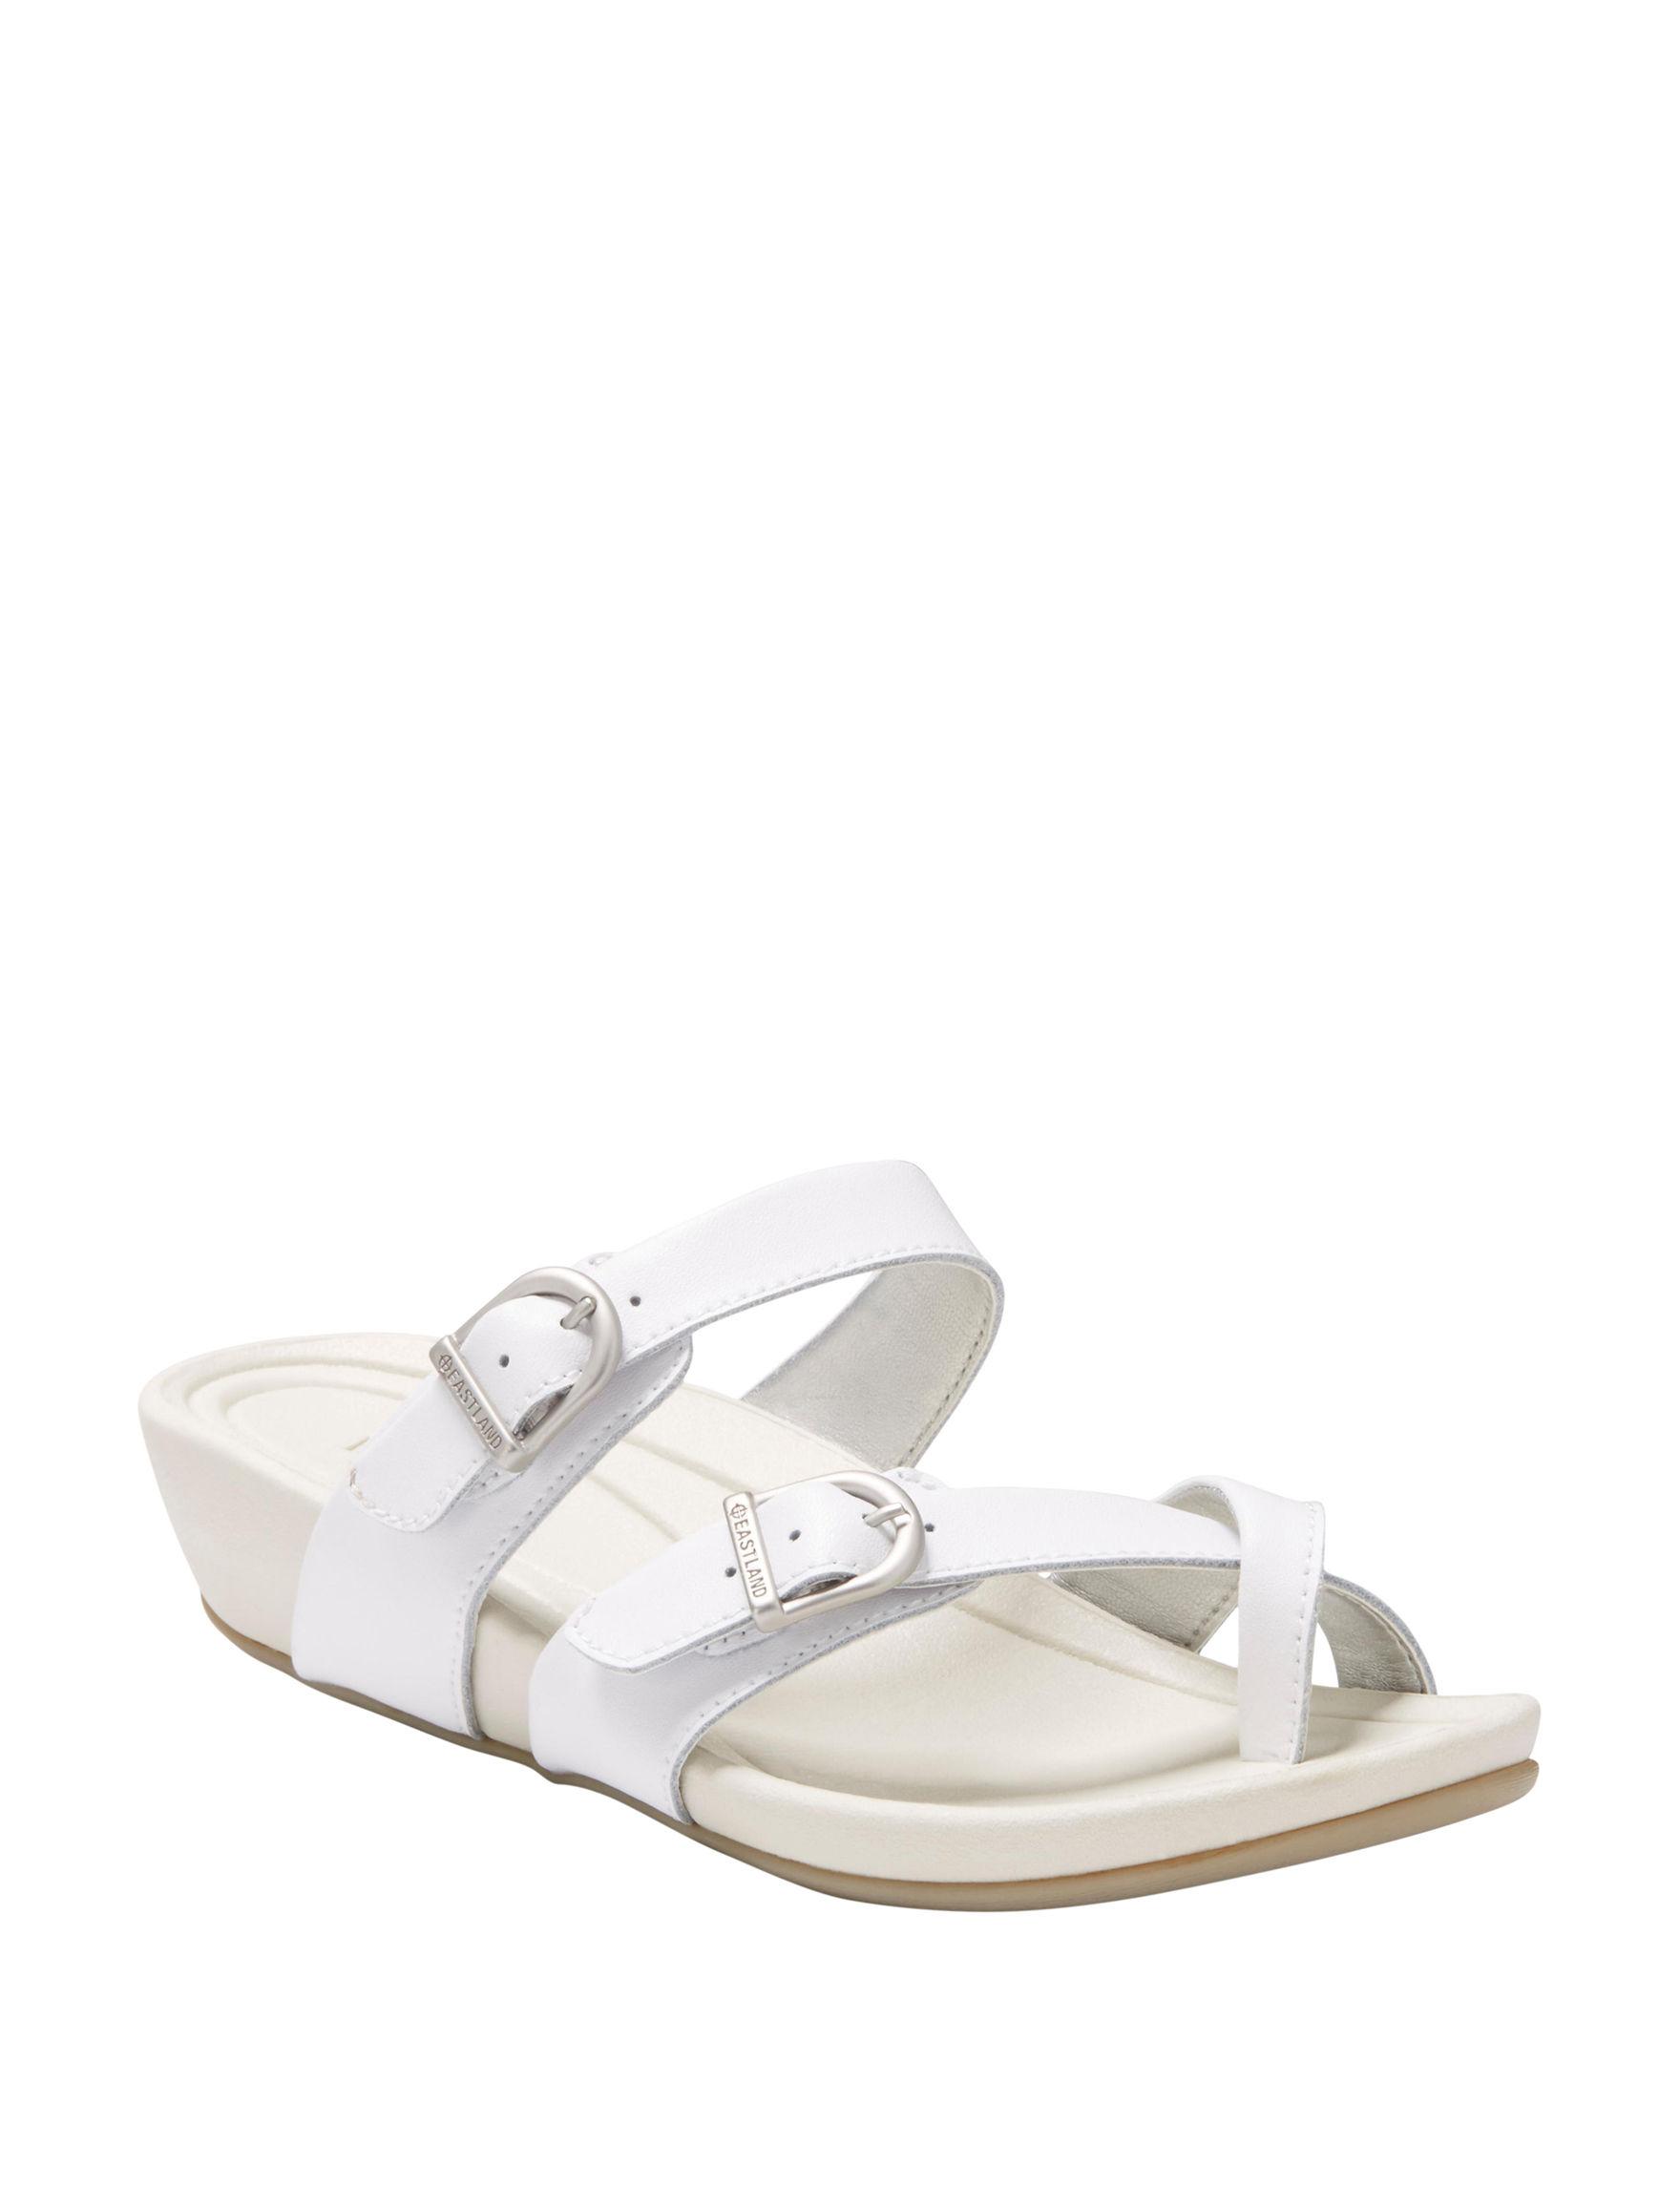 Eastland White Wedge Sandals